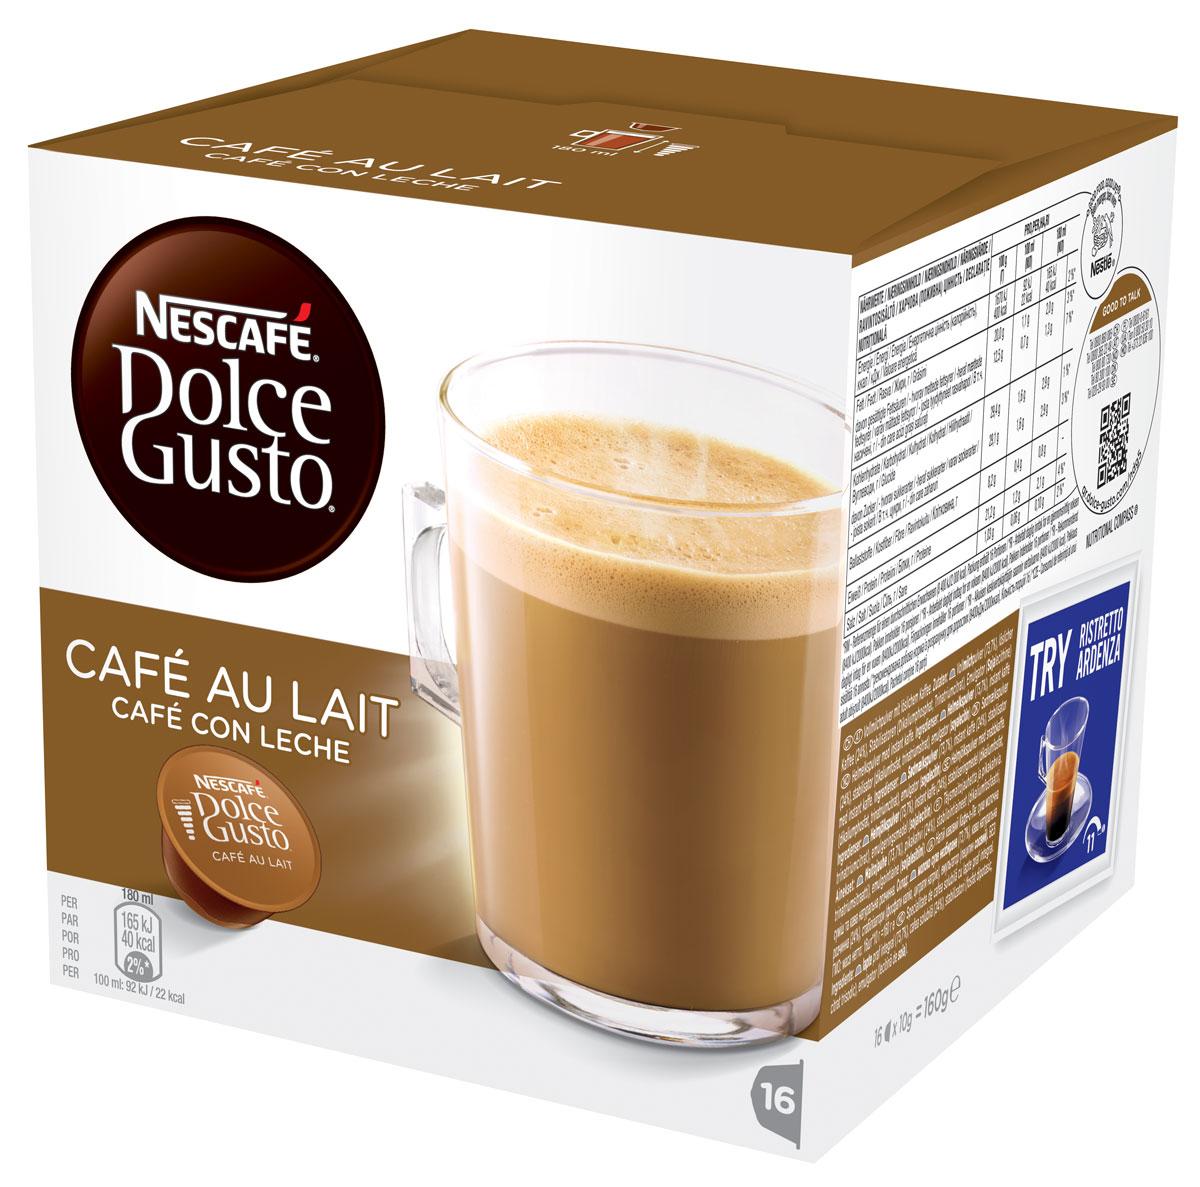 Nescafe Dolce Gusto Кофе О Ле, кофе в капсулах, 16 шт12148061Cafe Au Lait - это непревзойденное сочетание энергии кофе и сладости молока подарит Вам заряд бодрости на целый день! Для приготовления большой чашки Cafe Au Lait достаточно всего лишь одной капсулы. Капсульная система NESCAFE Dolce Gusto это инновационная система приготовления кофе высокого качества специально разработанная для использования в домашних условиях. Герметичные капсулы оптимизируют давление воды для каждого вида кофе. Кофе-машина NESCAFE Dolce Gusto использует профессиональное давление в 15 бар, что каждый раз гарантирует идеальный вкус и качество кофе.